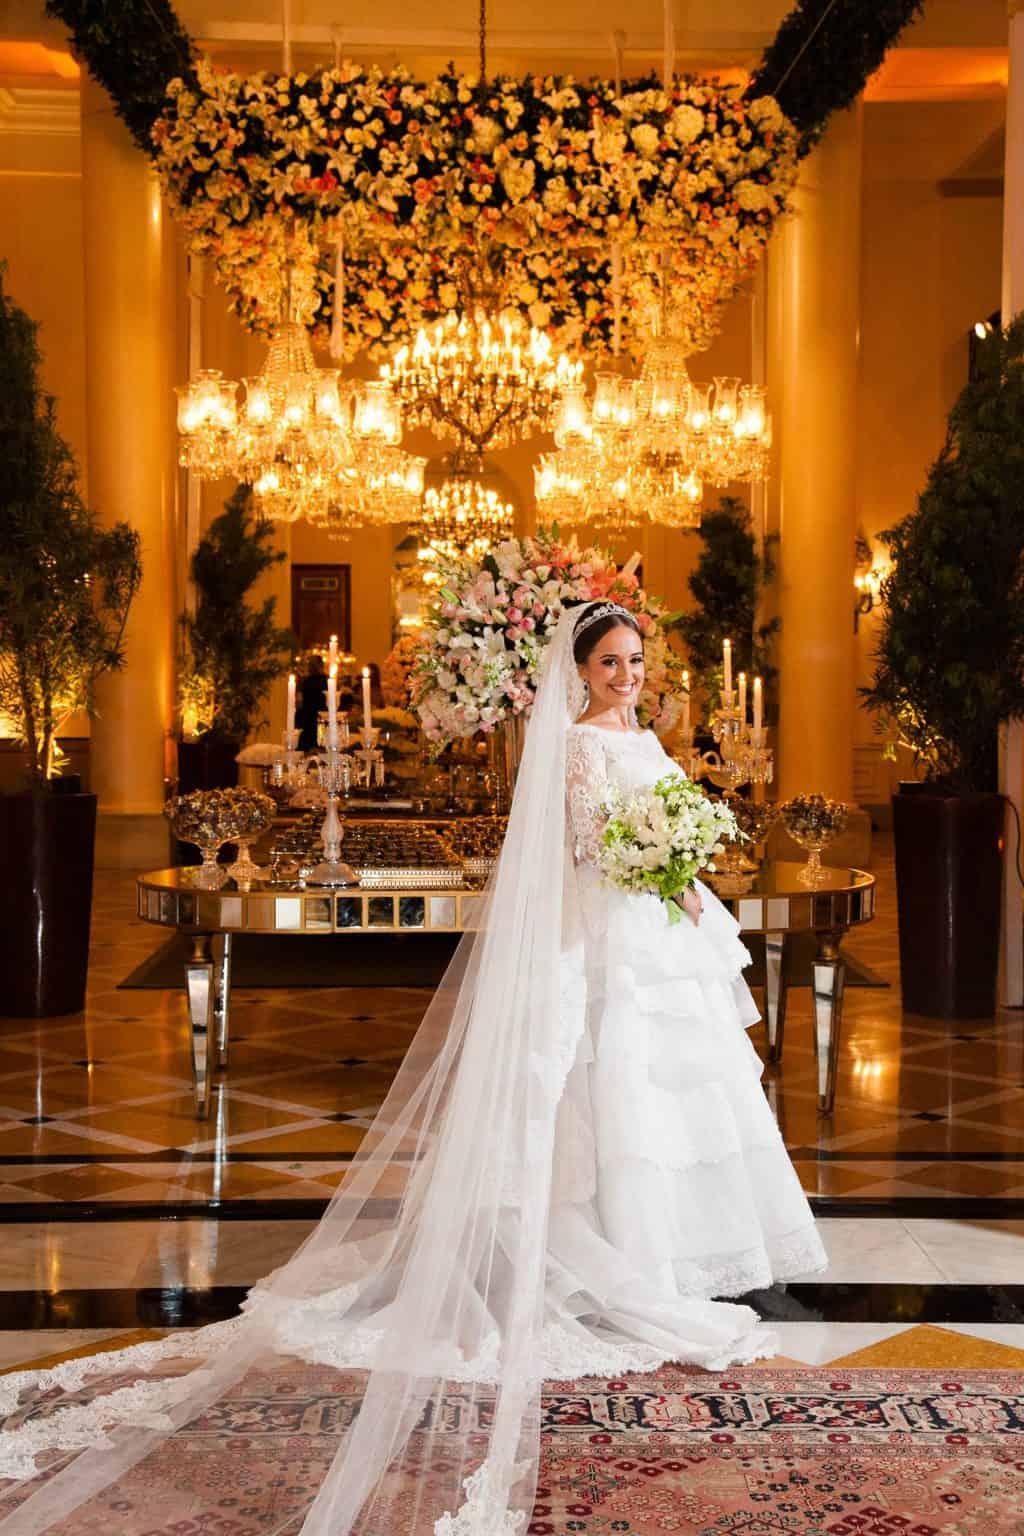 Casamento-Clássico-Casamento-tradicional-Copacabana-Palace-Monica-Roias-Poses-noiva-Ribas-Foto-e-Vídeo-Silvio-Cruz-Tuanny-e-Bernardo-CaseMe-8